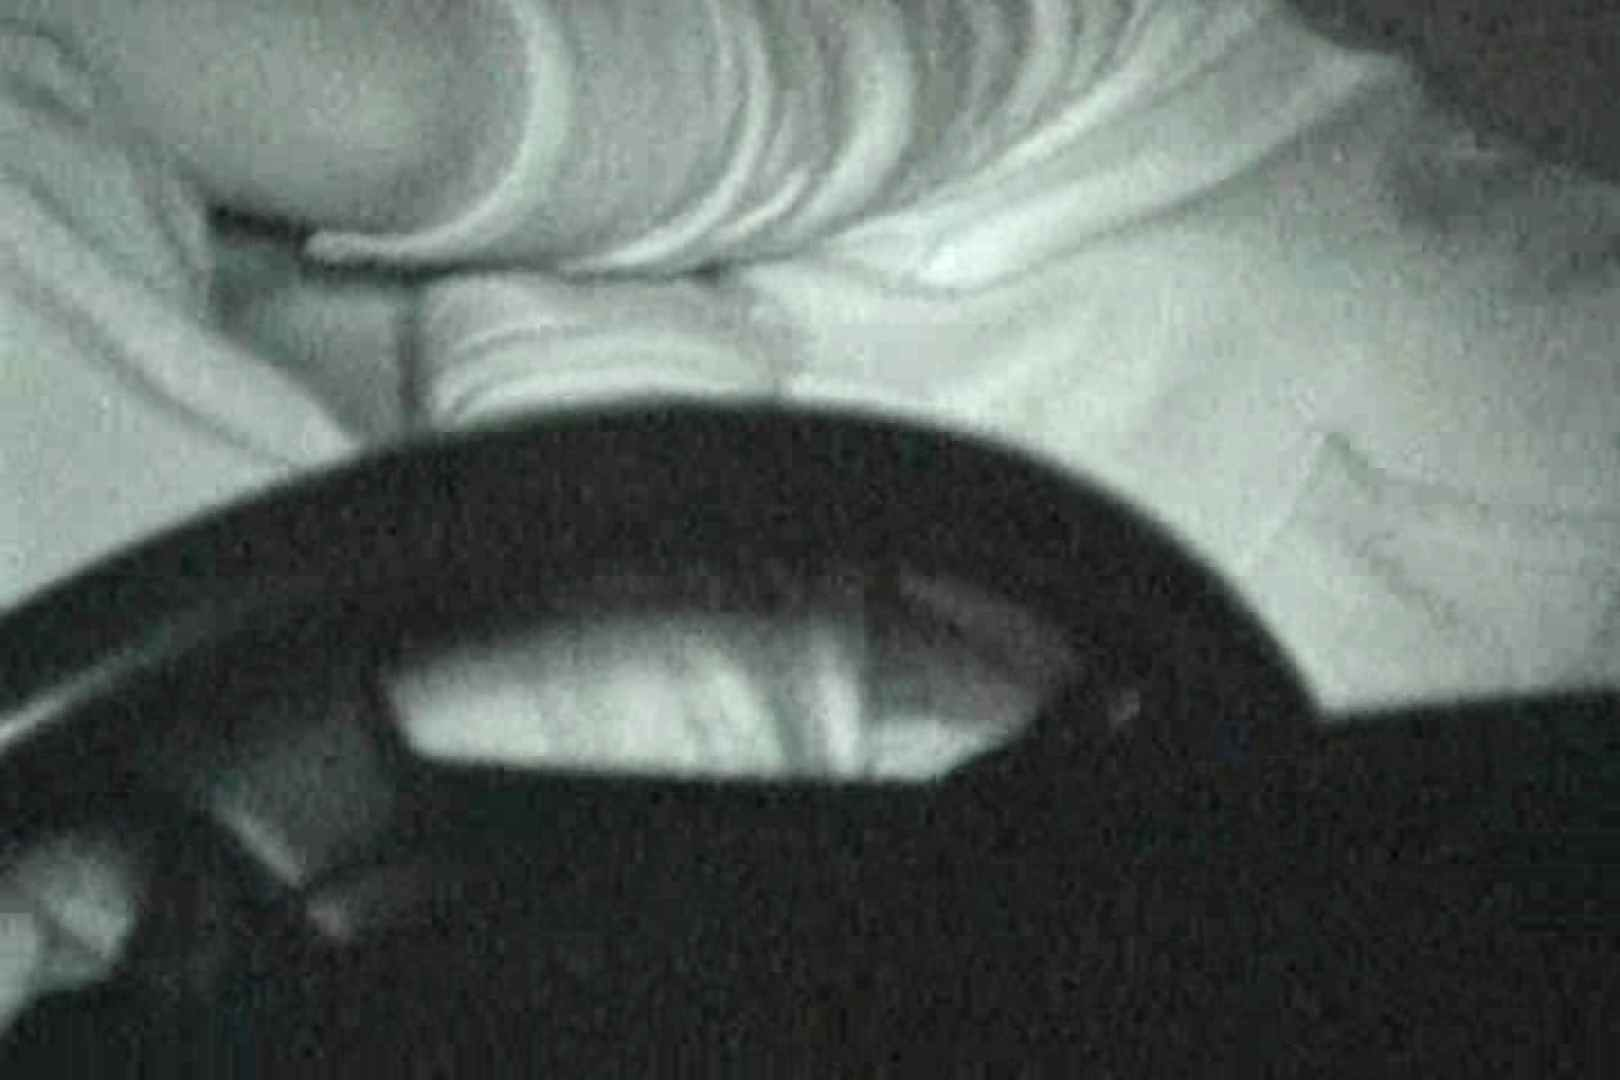 充血監督の深夜の運動会Vol.8 チクビ オマンコ無修正動画無料 106画像 59